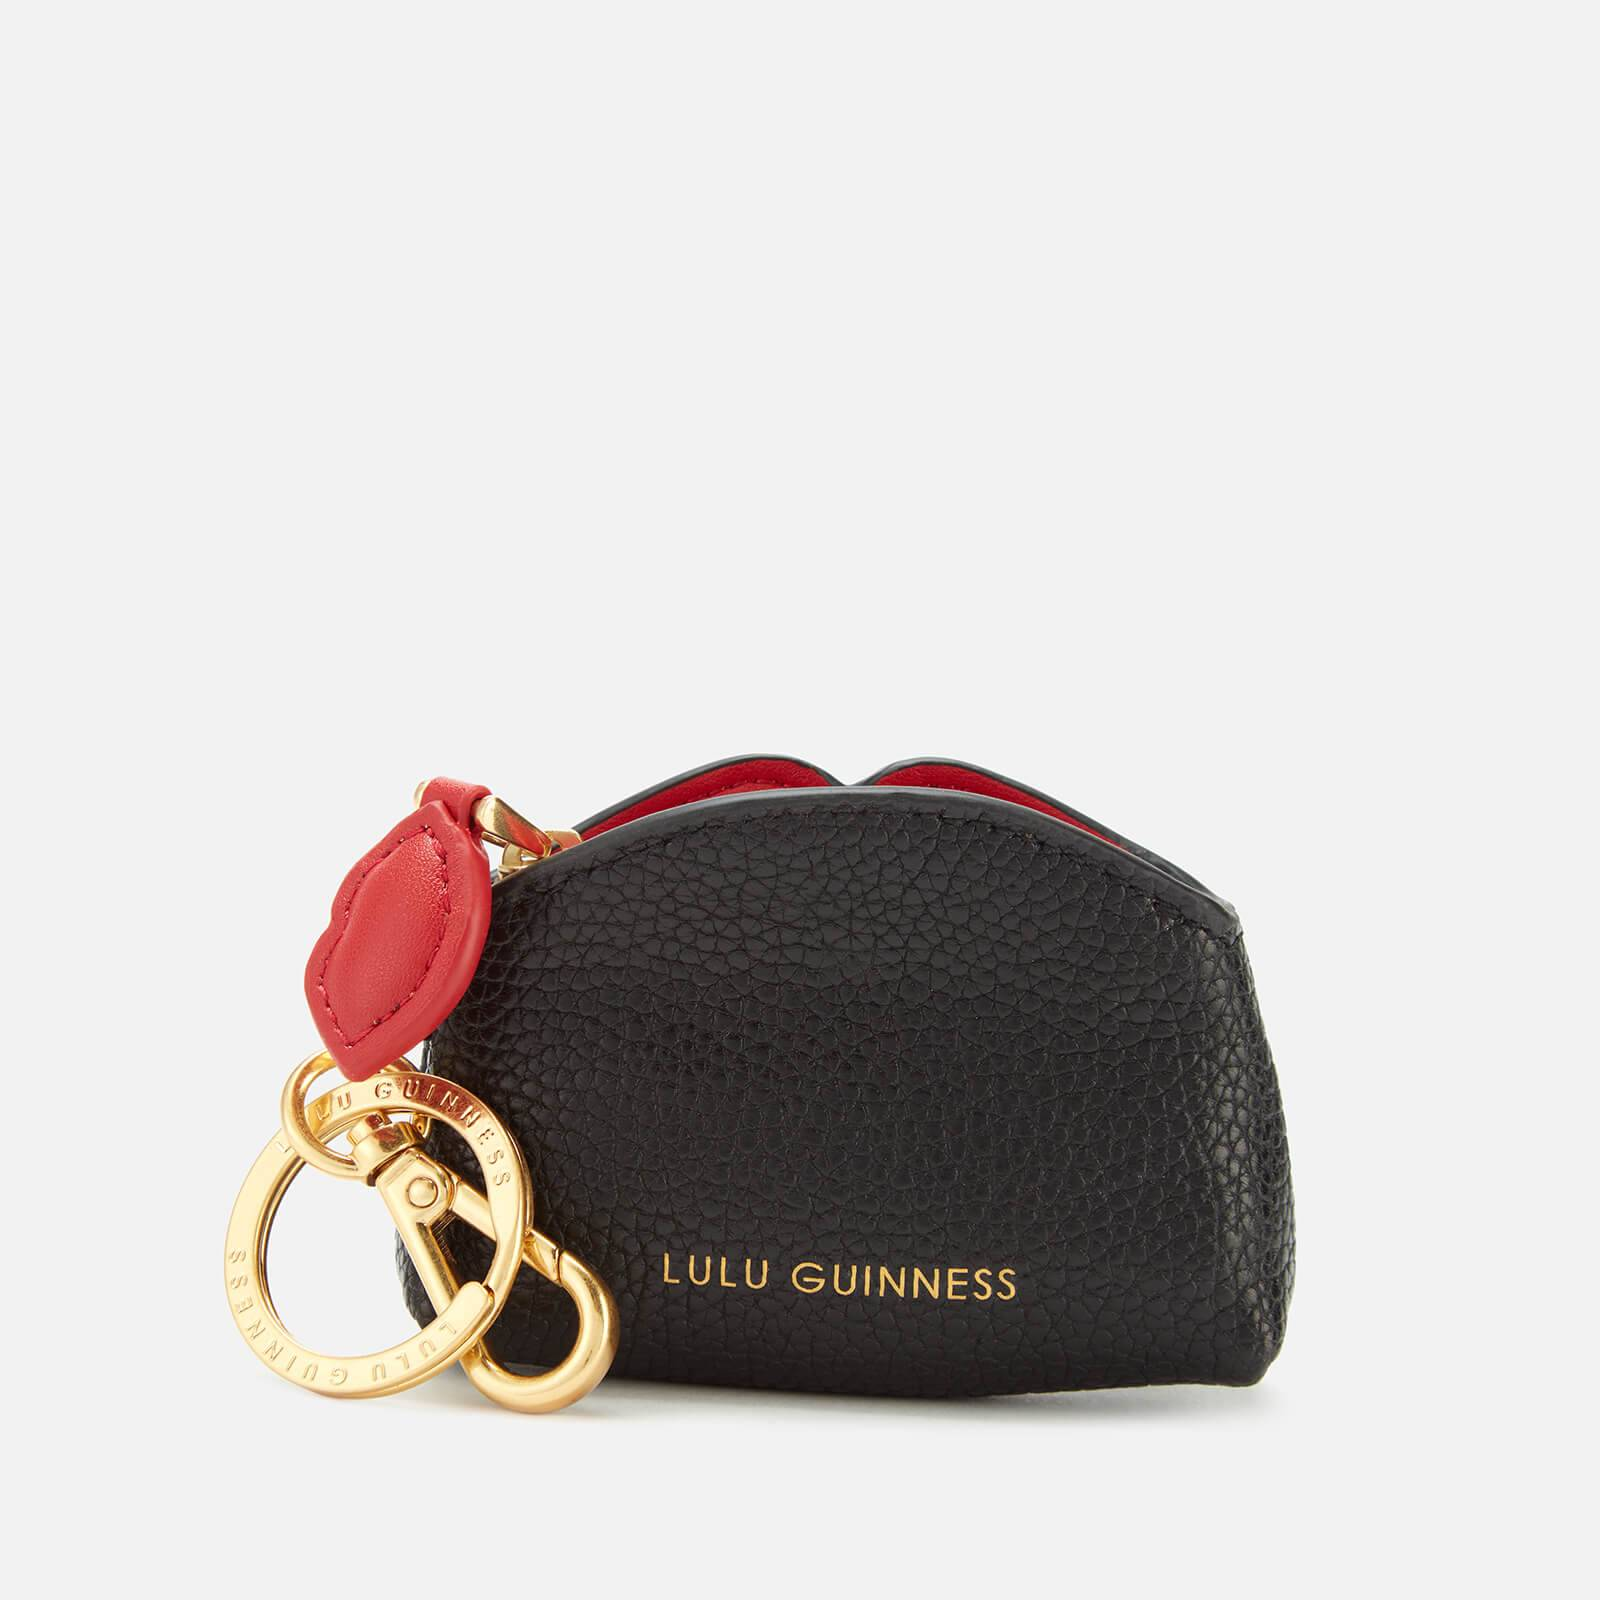 Lulu Guinness Women's Peekaboo Lip Colette Keyring - Black